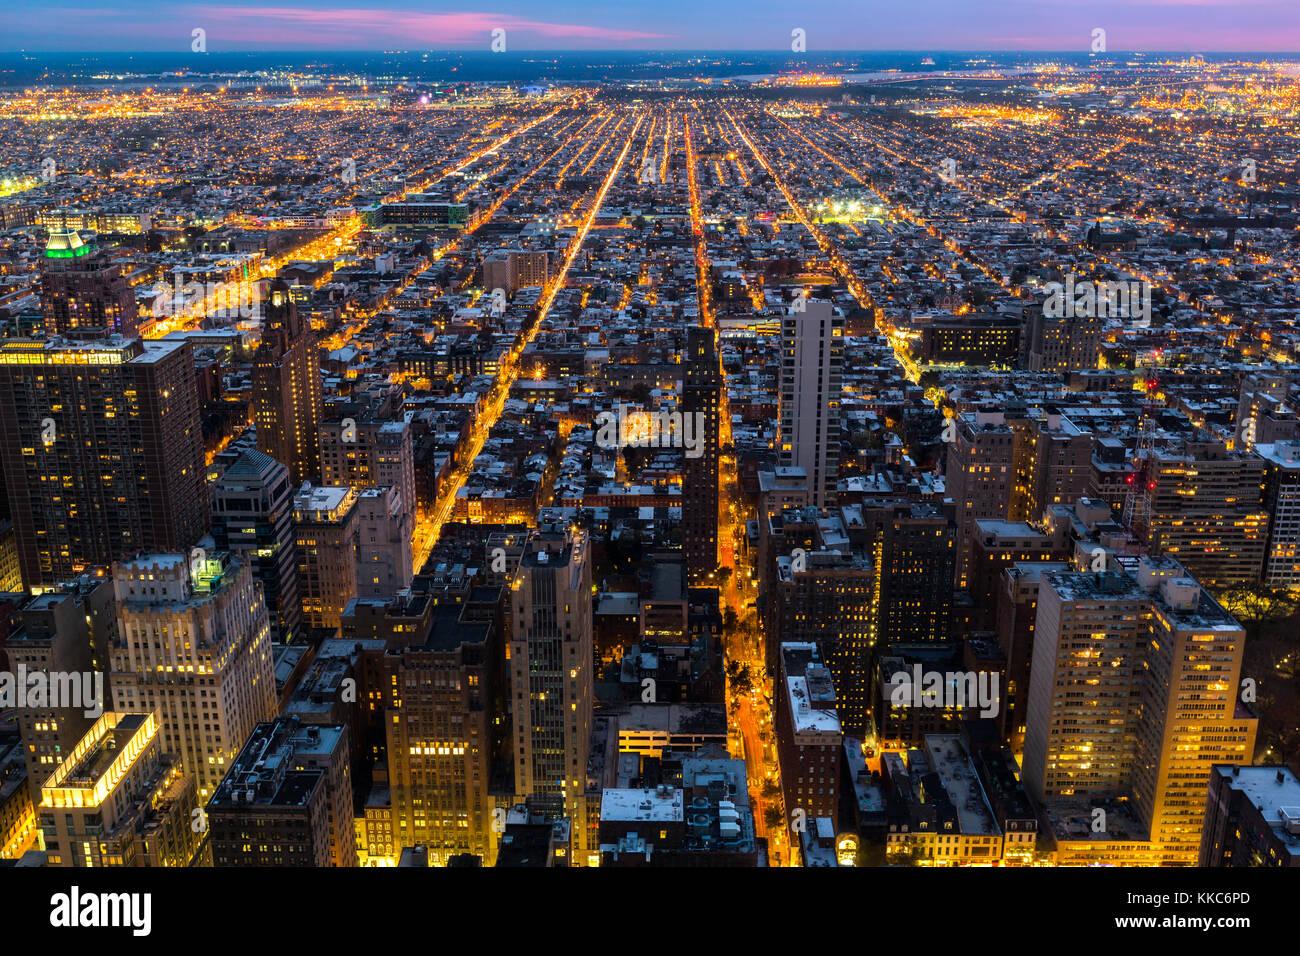 Vue aérienne de Philadelphie avec les rues de la ville convergent vers le bord de la zone métropolitaine Photo Stock